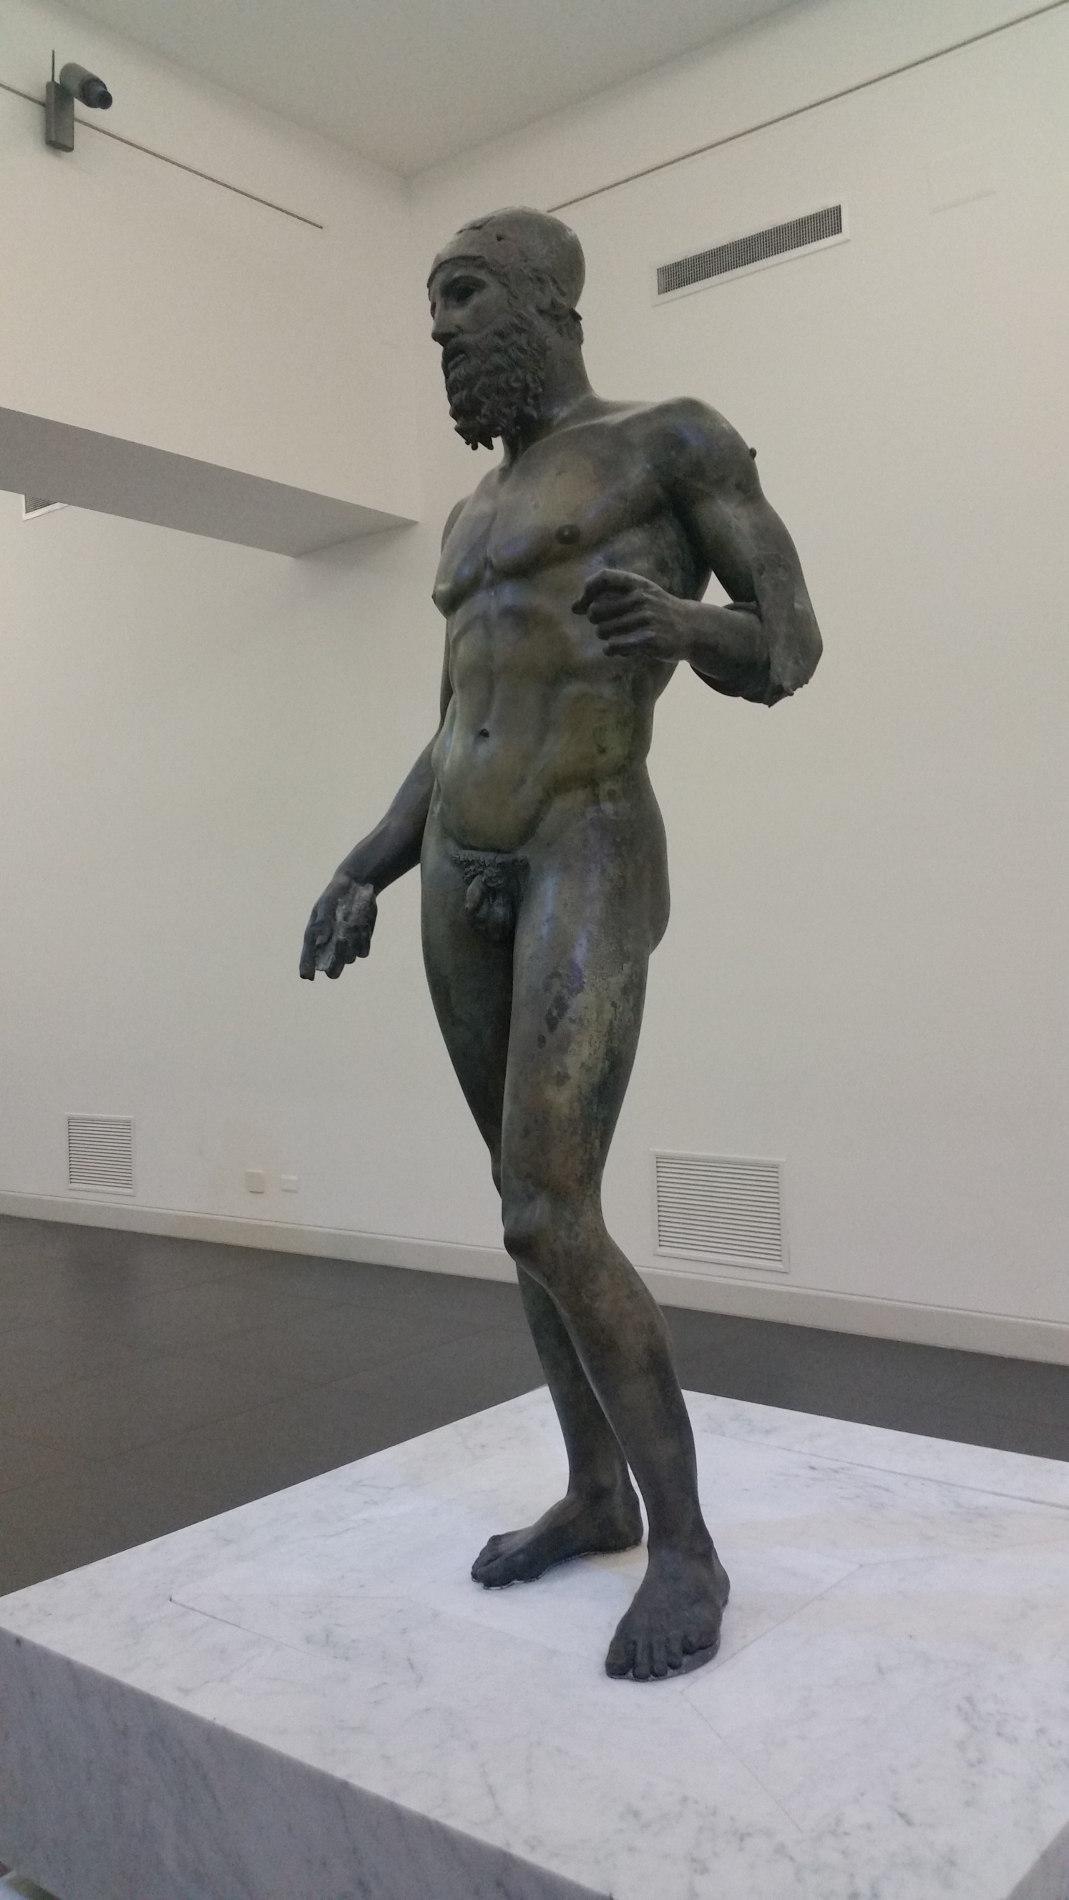 Il Museo Nazionale della Magna Grecia a Reggio Calabria, Bronzi di Riace, Statua B